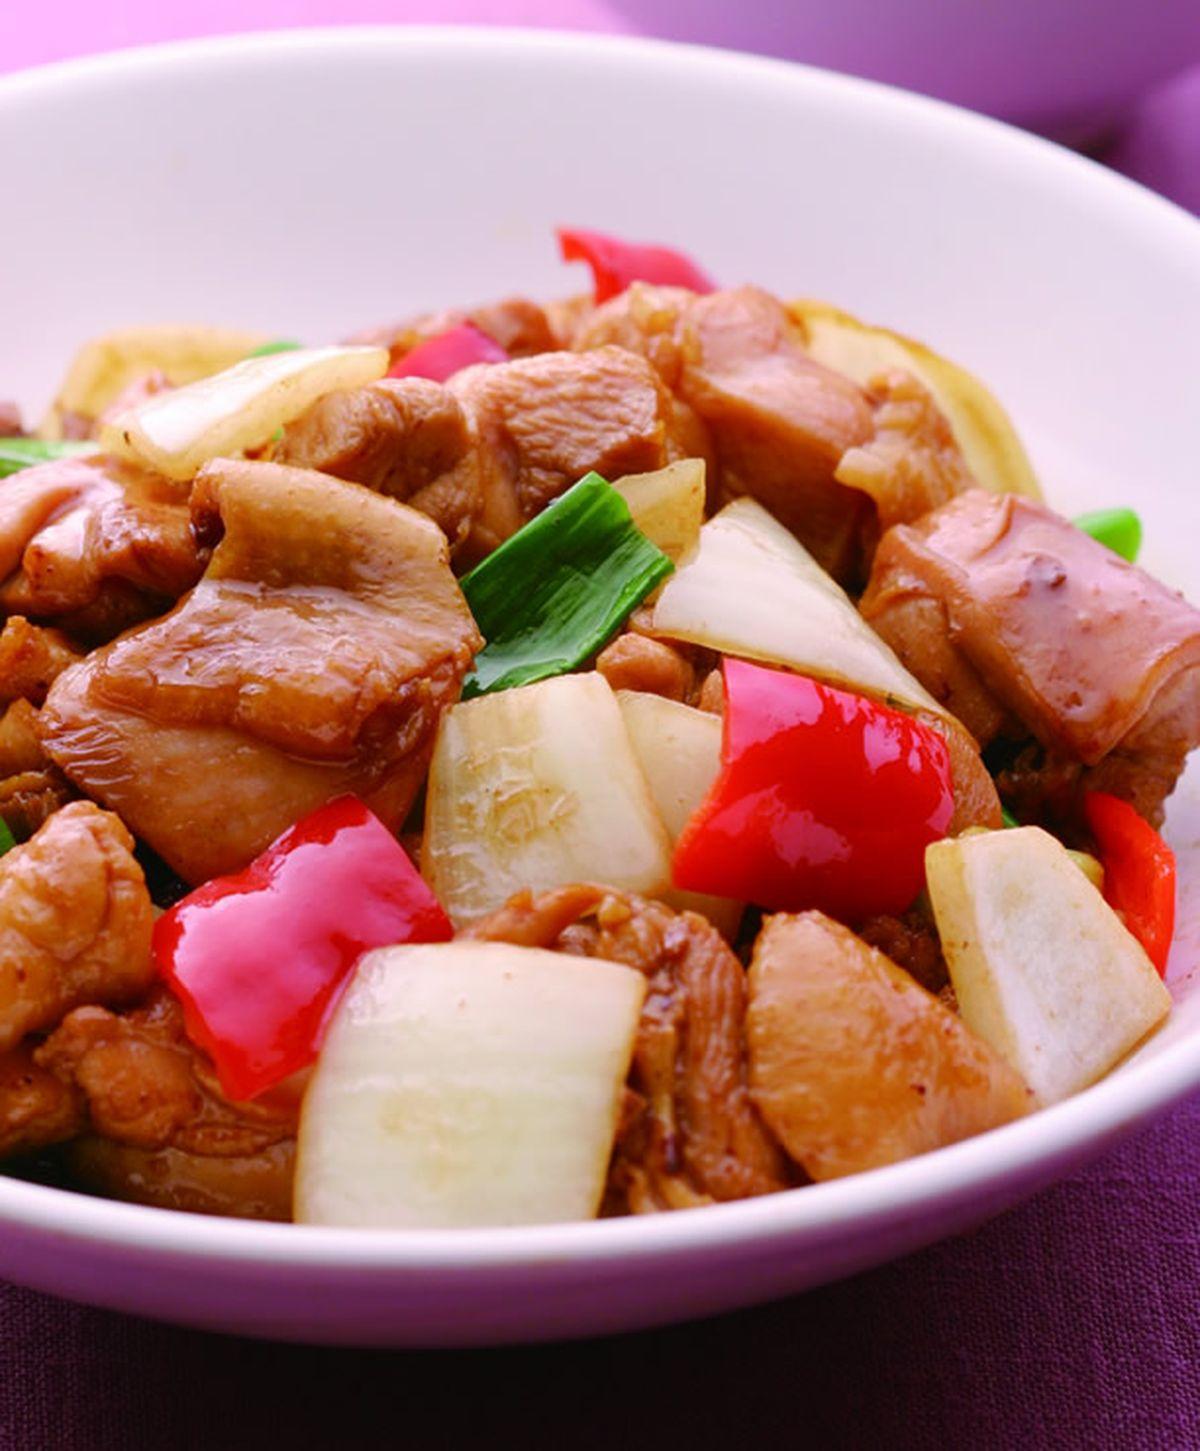 食譜:醬燒雞塊